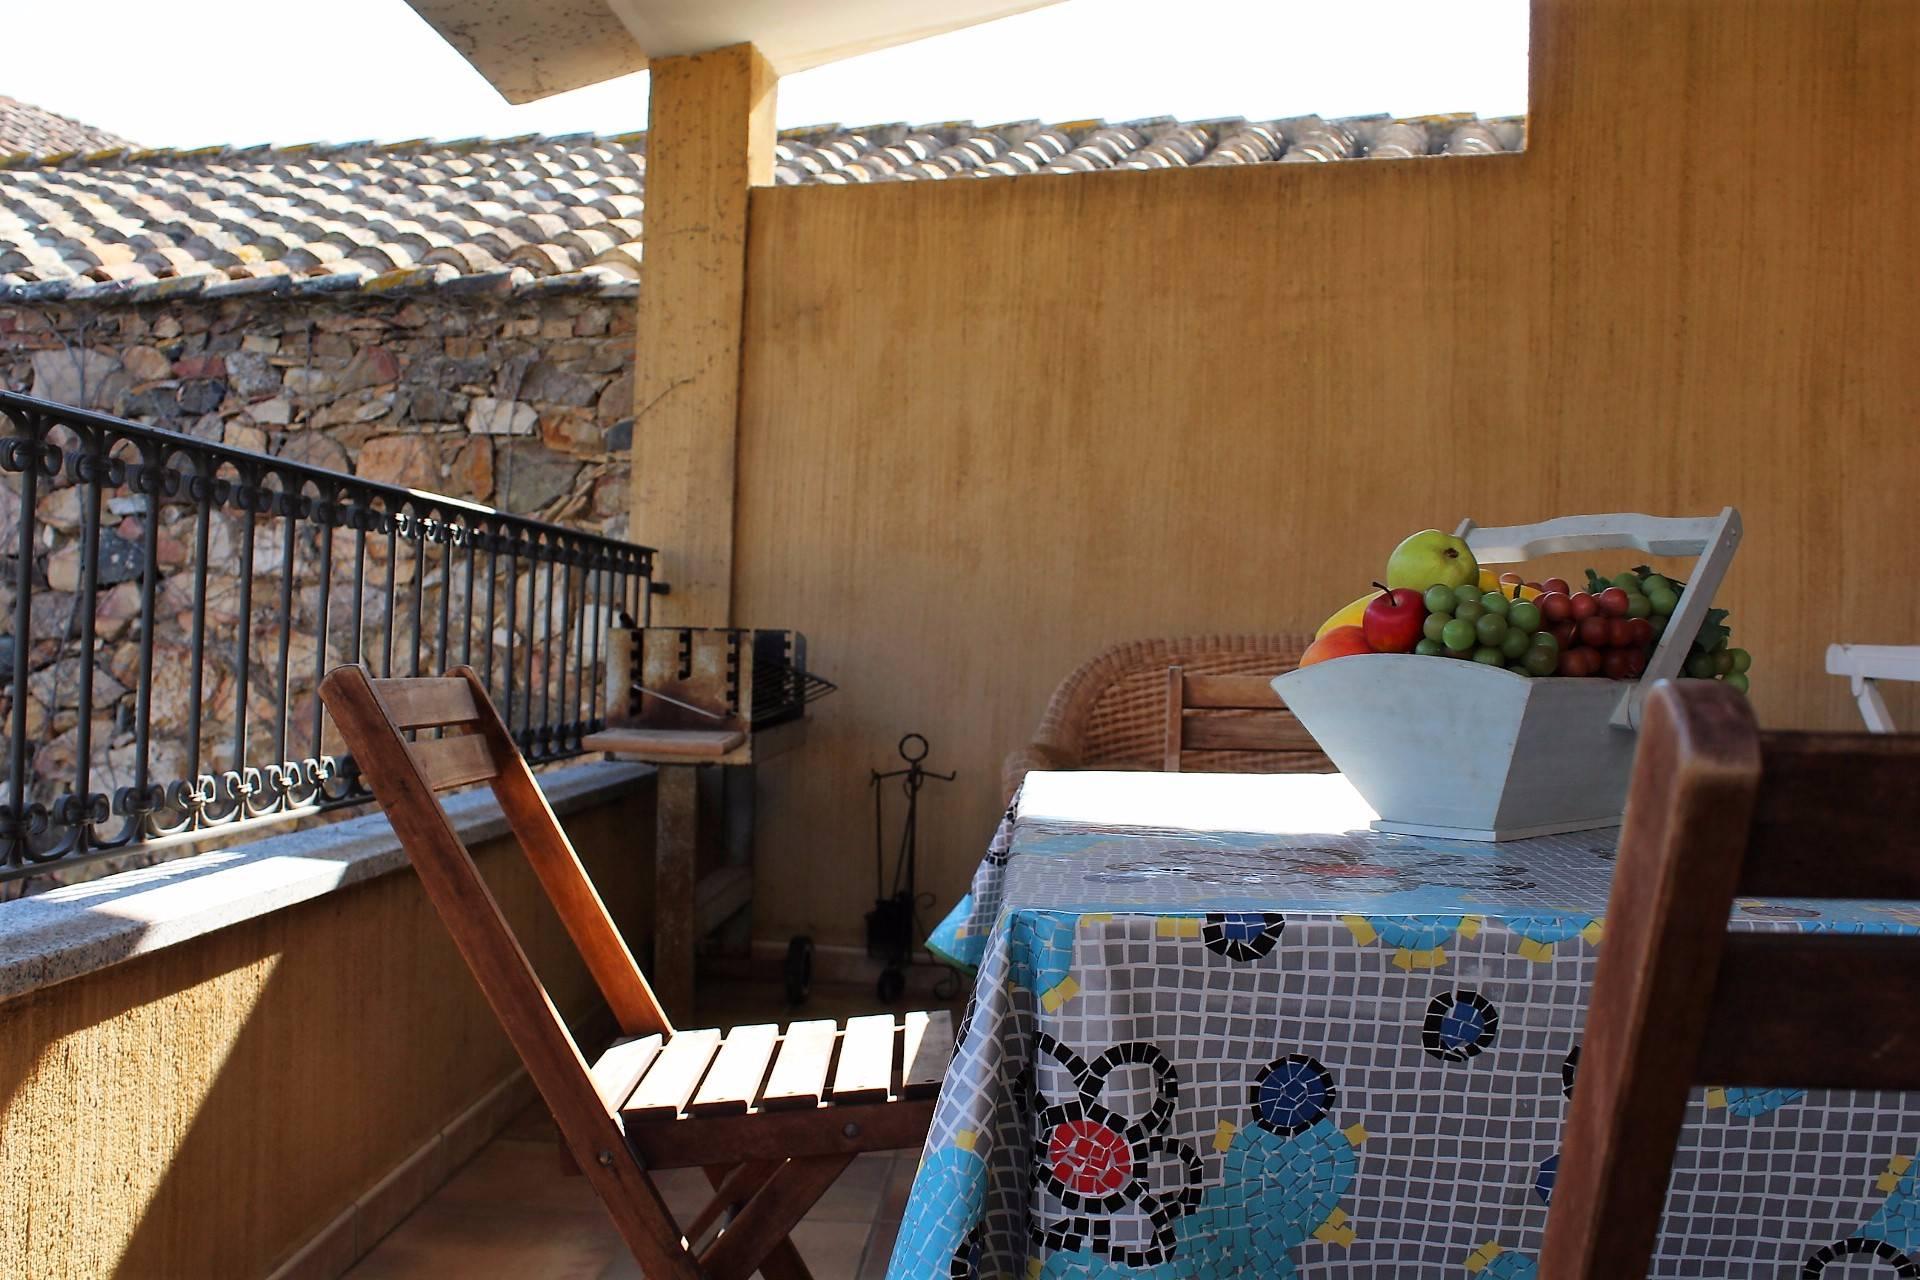 Appartamento in vendita a Villasimius, 4 locali, zona Località: Centro, prezzo € 185.000 | CambioCasa.it